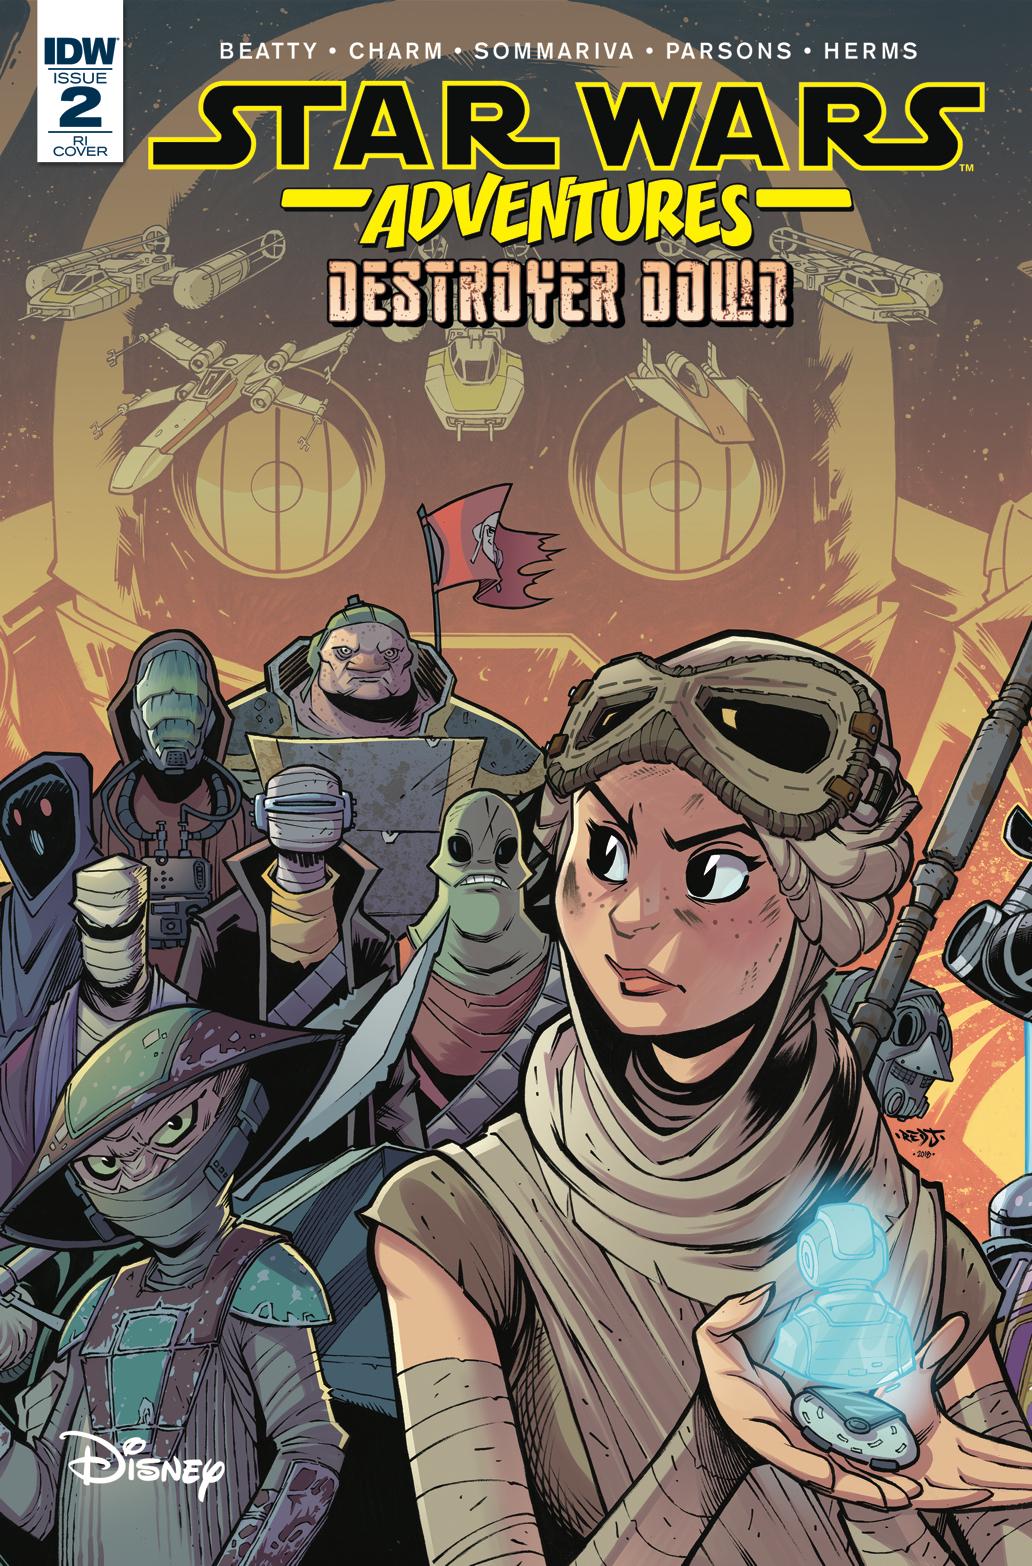 Star Wars Adventures: Destroyer Down #2 (Jon Sommariva Variant Cover) (November 2018)